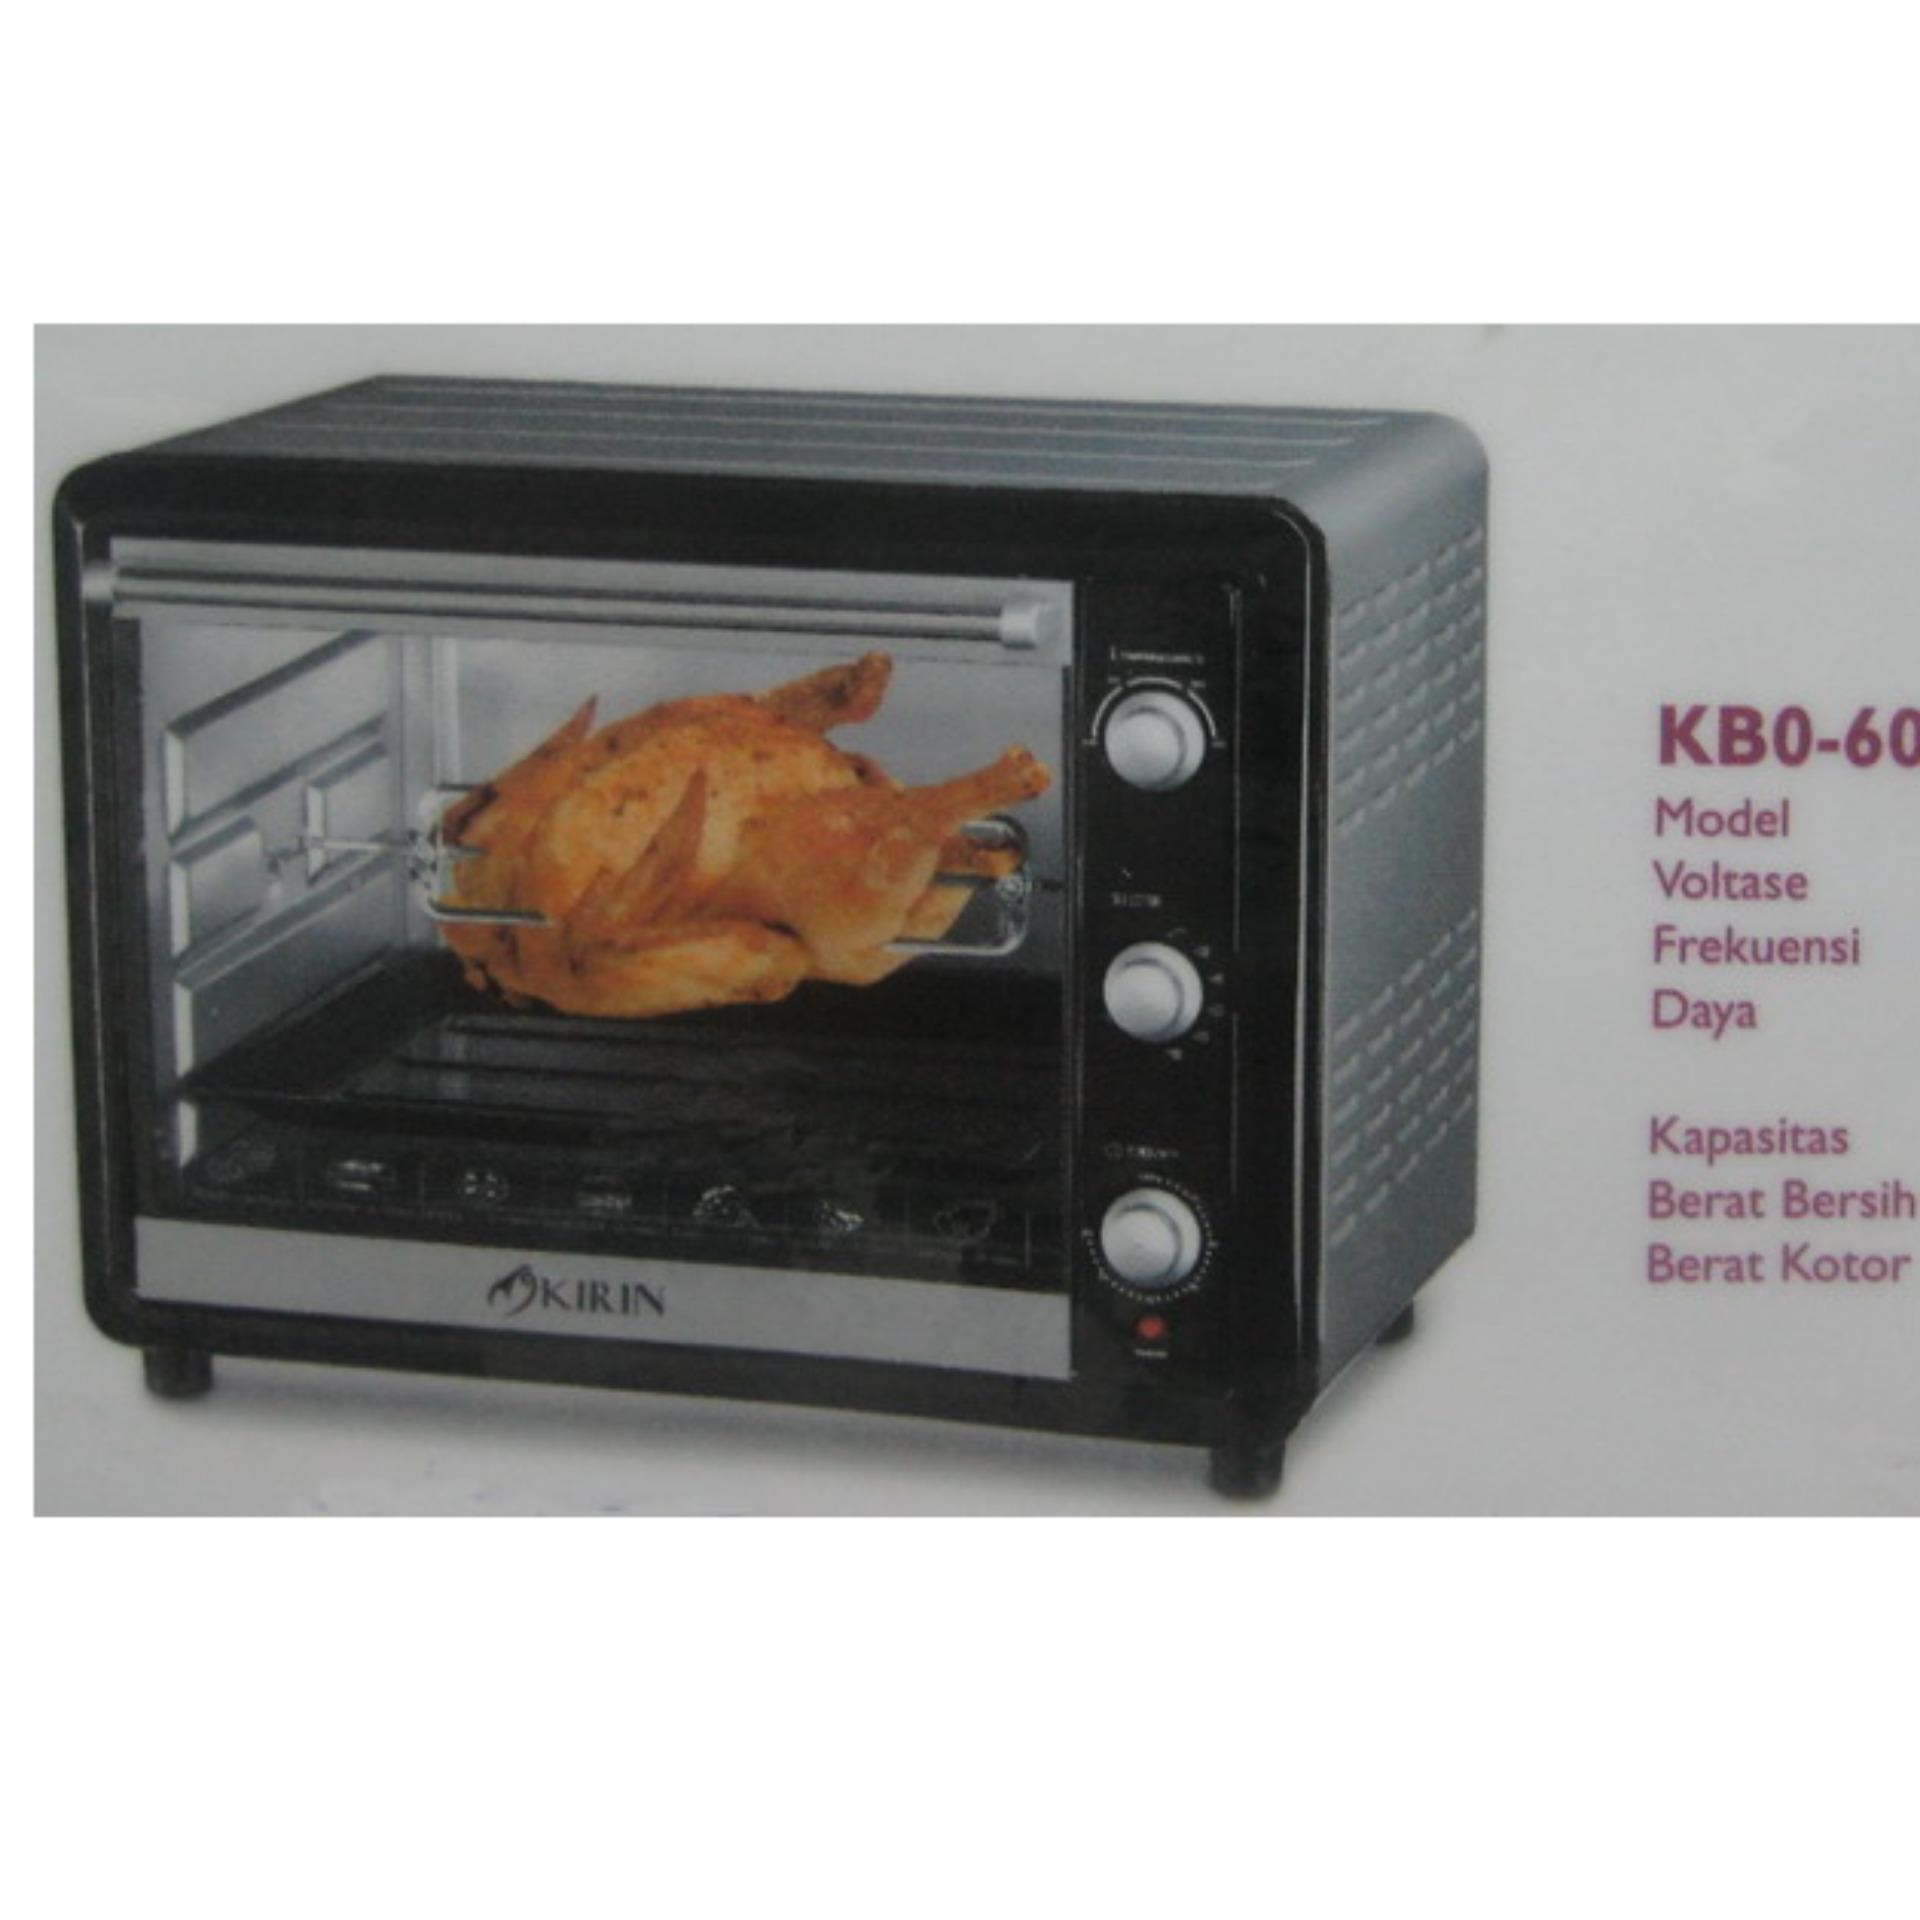 Harga Dan Spesifikasi Cosmos Oven Co9919r 19l Hitam Update 2018 Kirin Kbo 190raw Elektrik 19 L Putihhitam Hemat Listrik 90m 9 Liter Daftar Shopee